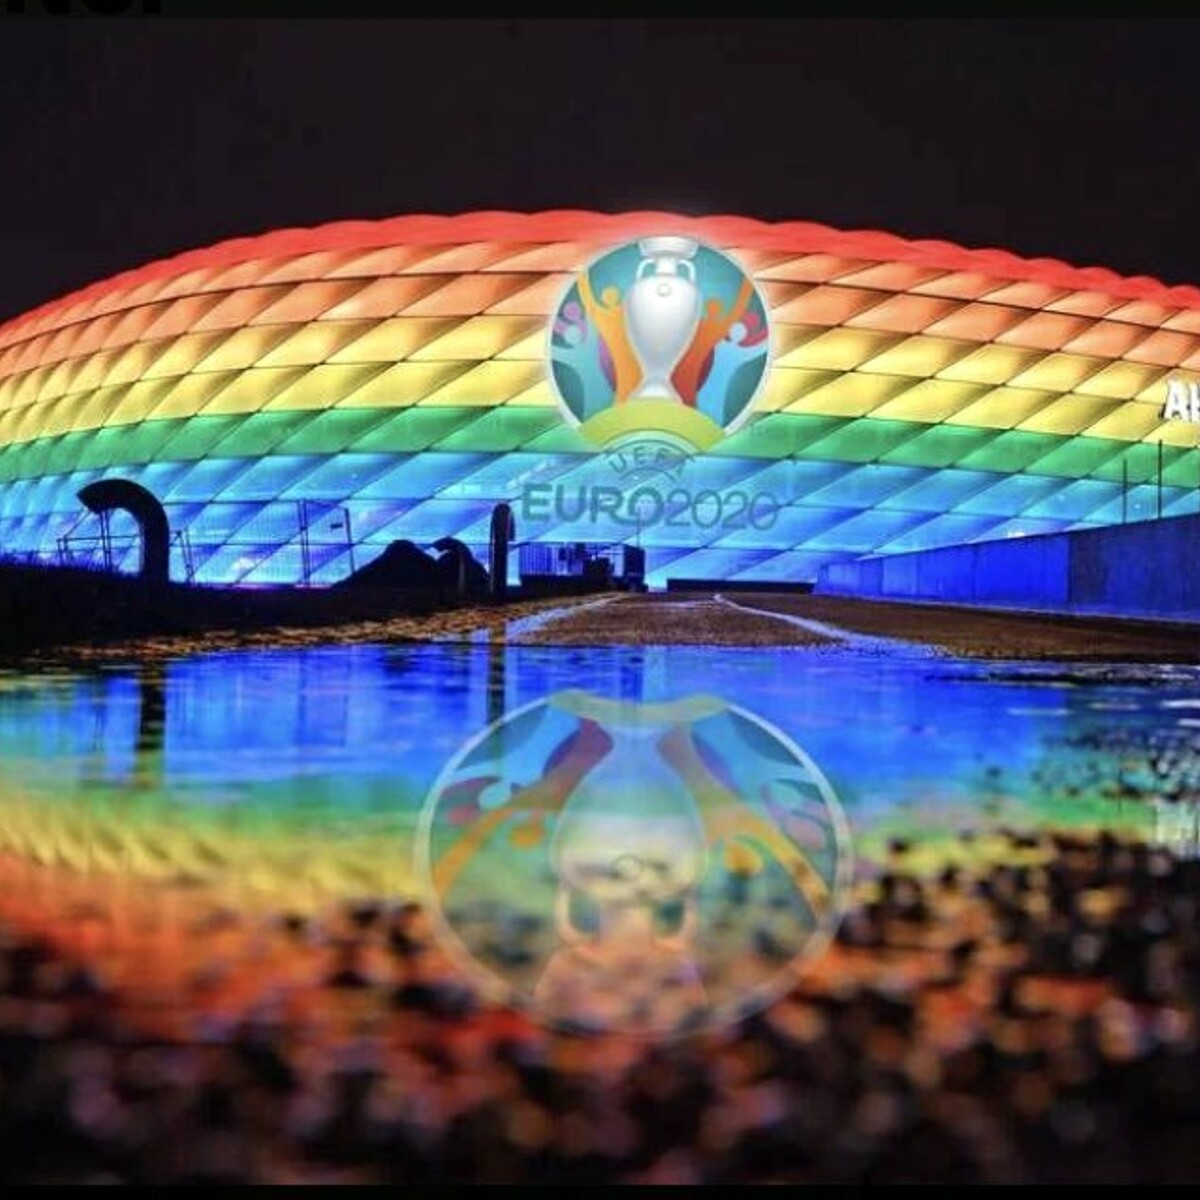 Perché l'Uefa ha un logo Lgbt+, ma non vuole lo stadio arcobaleno